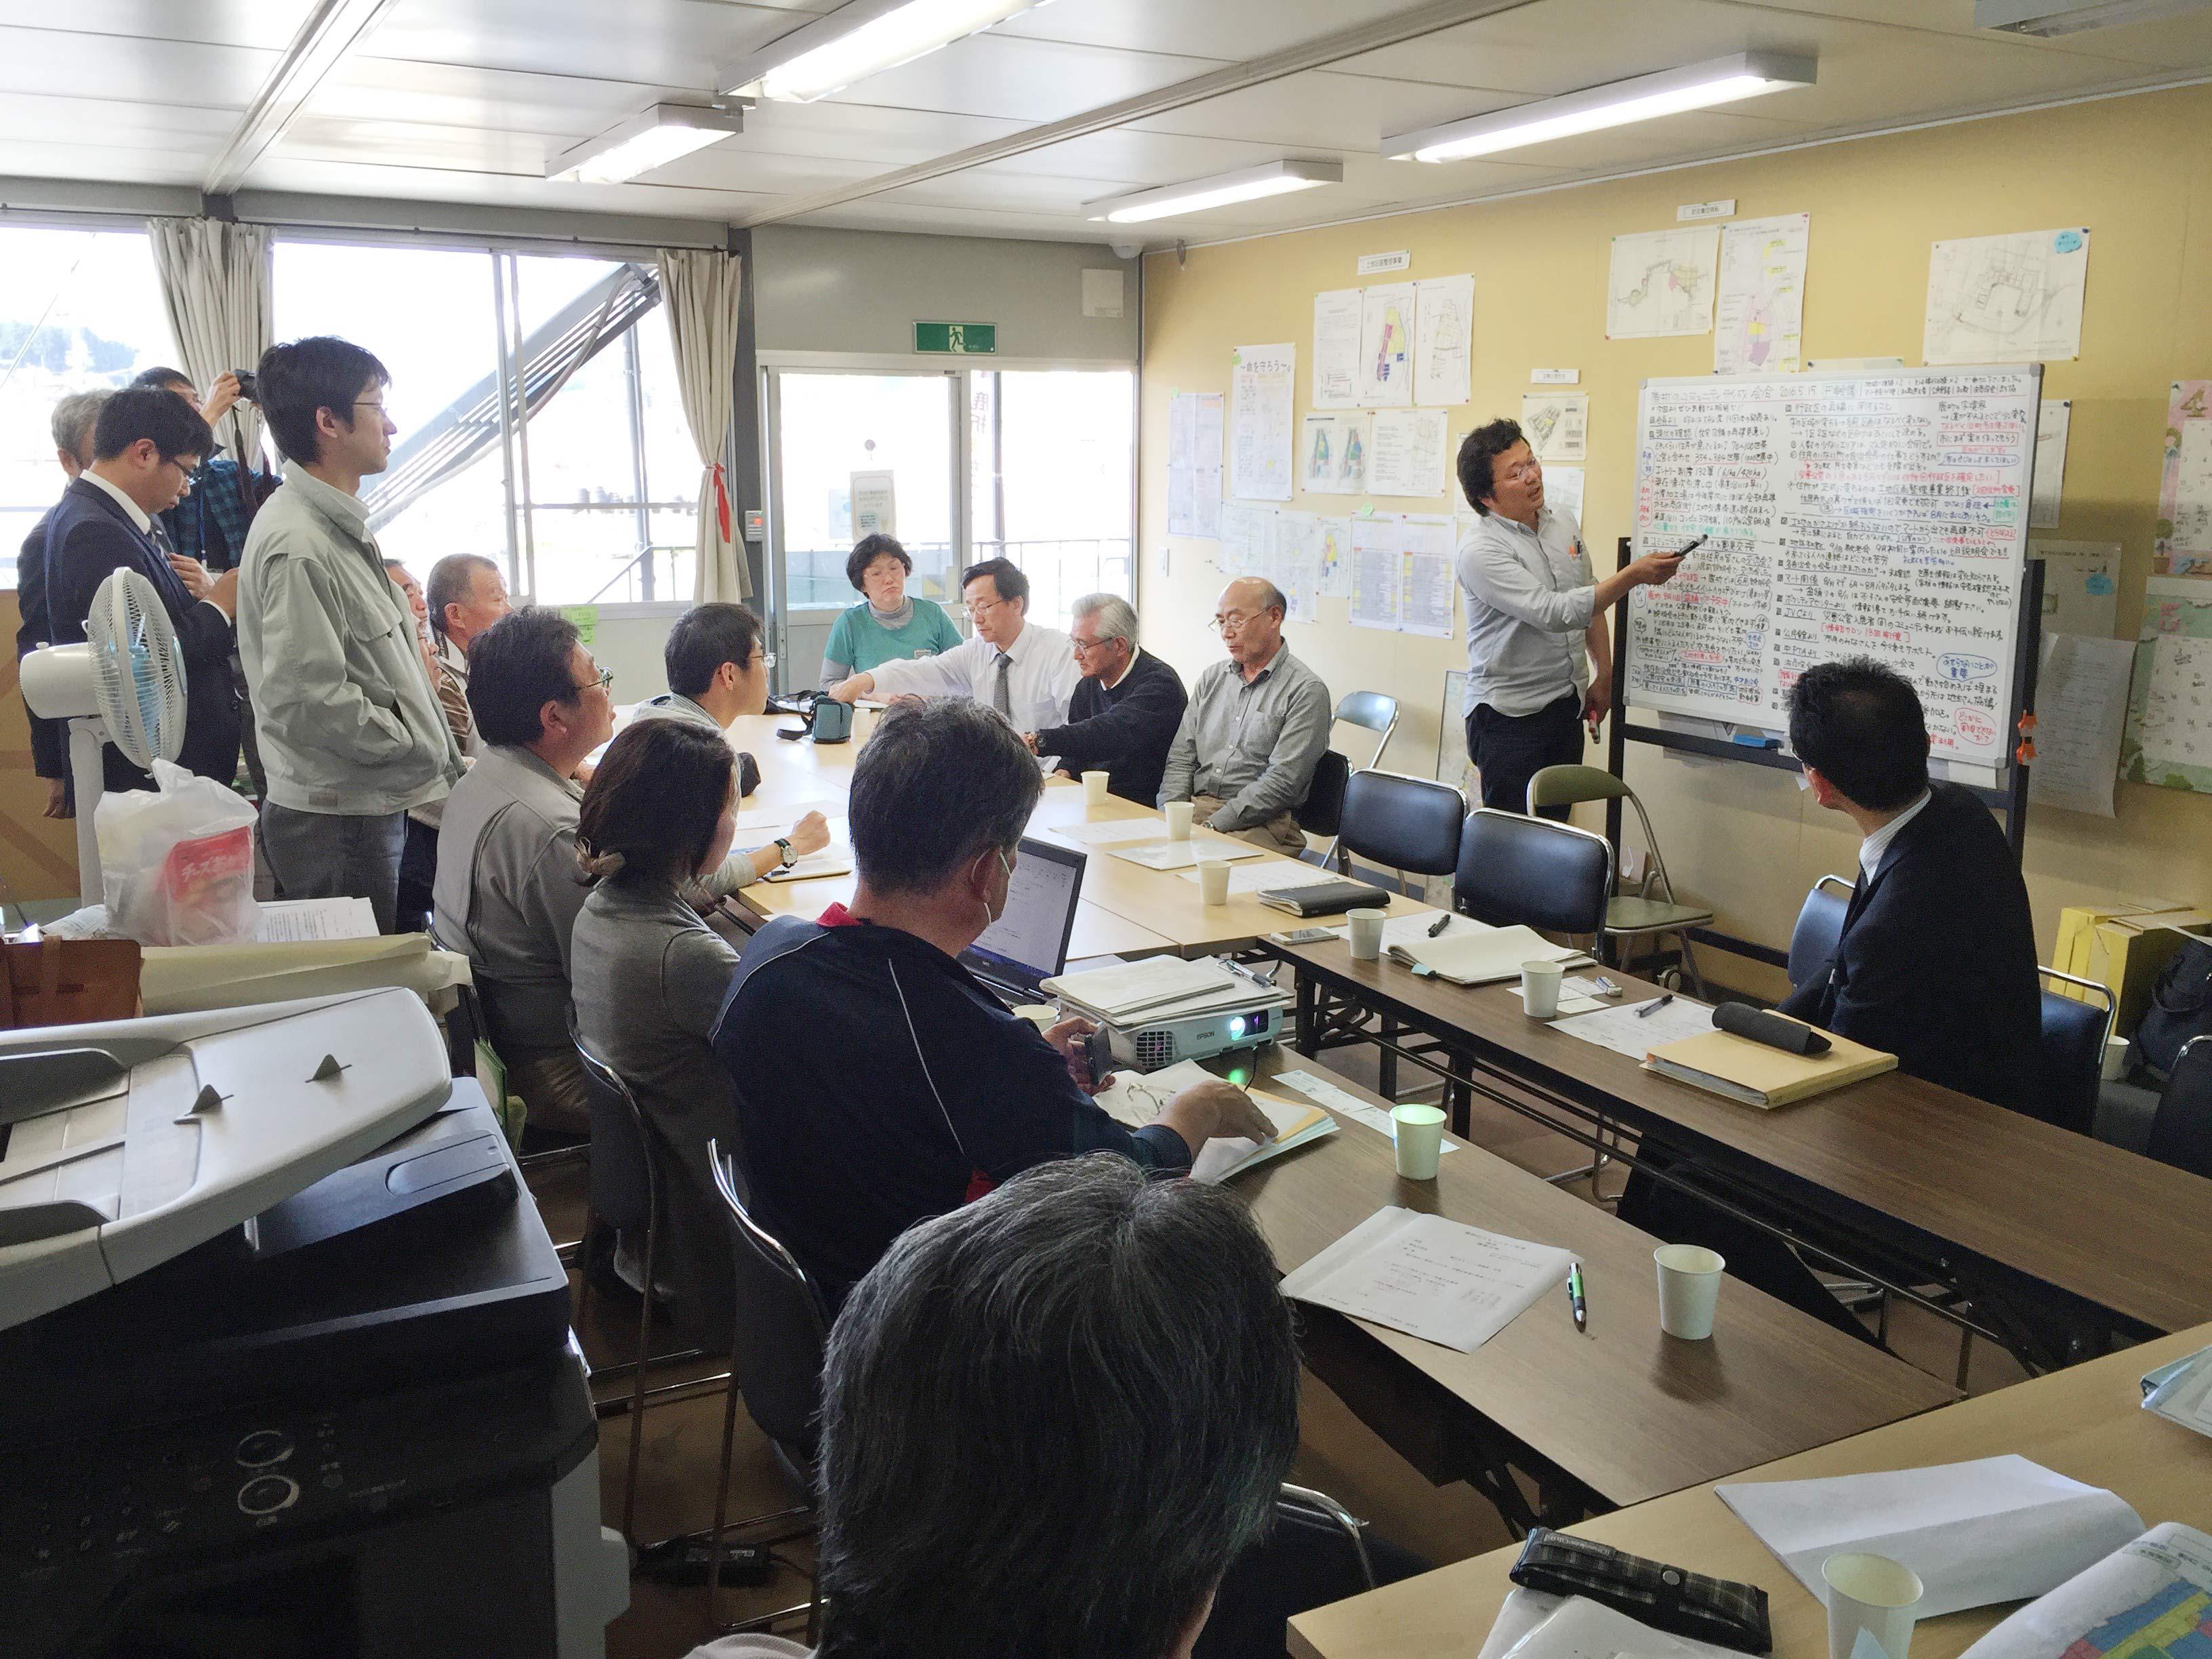 支援した気仙沼市鹿折地区まちづくり協議会では、行政との円卓会議で復興の進め方について理解を深めた。